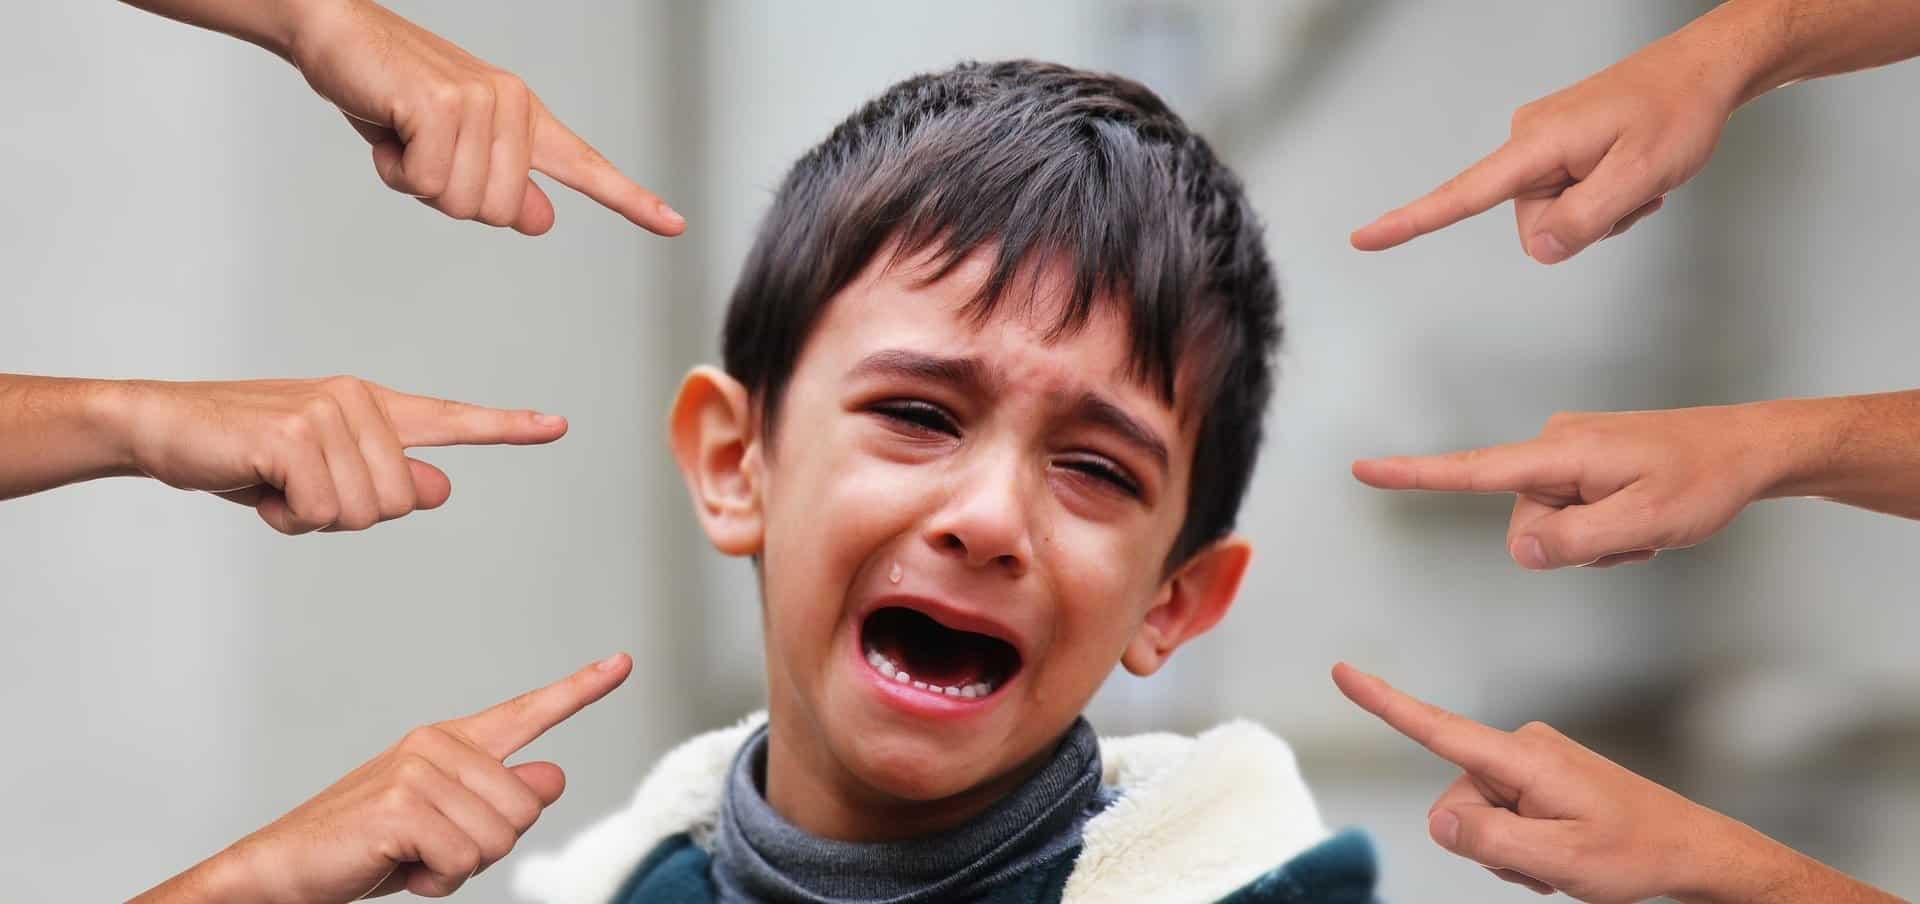 acoso escolar nio1 acoso escolar 1 bullying y compasion i220729